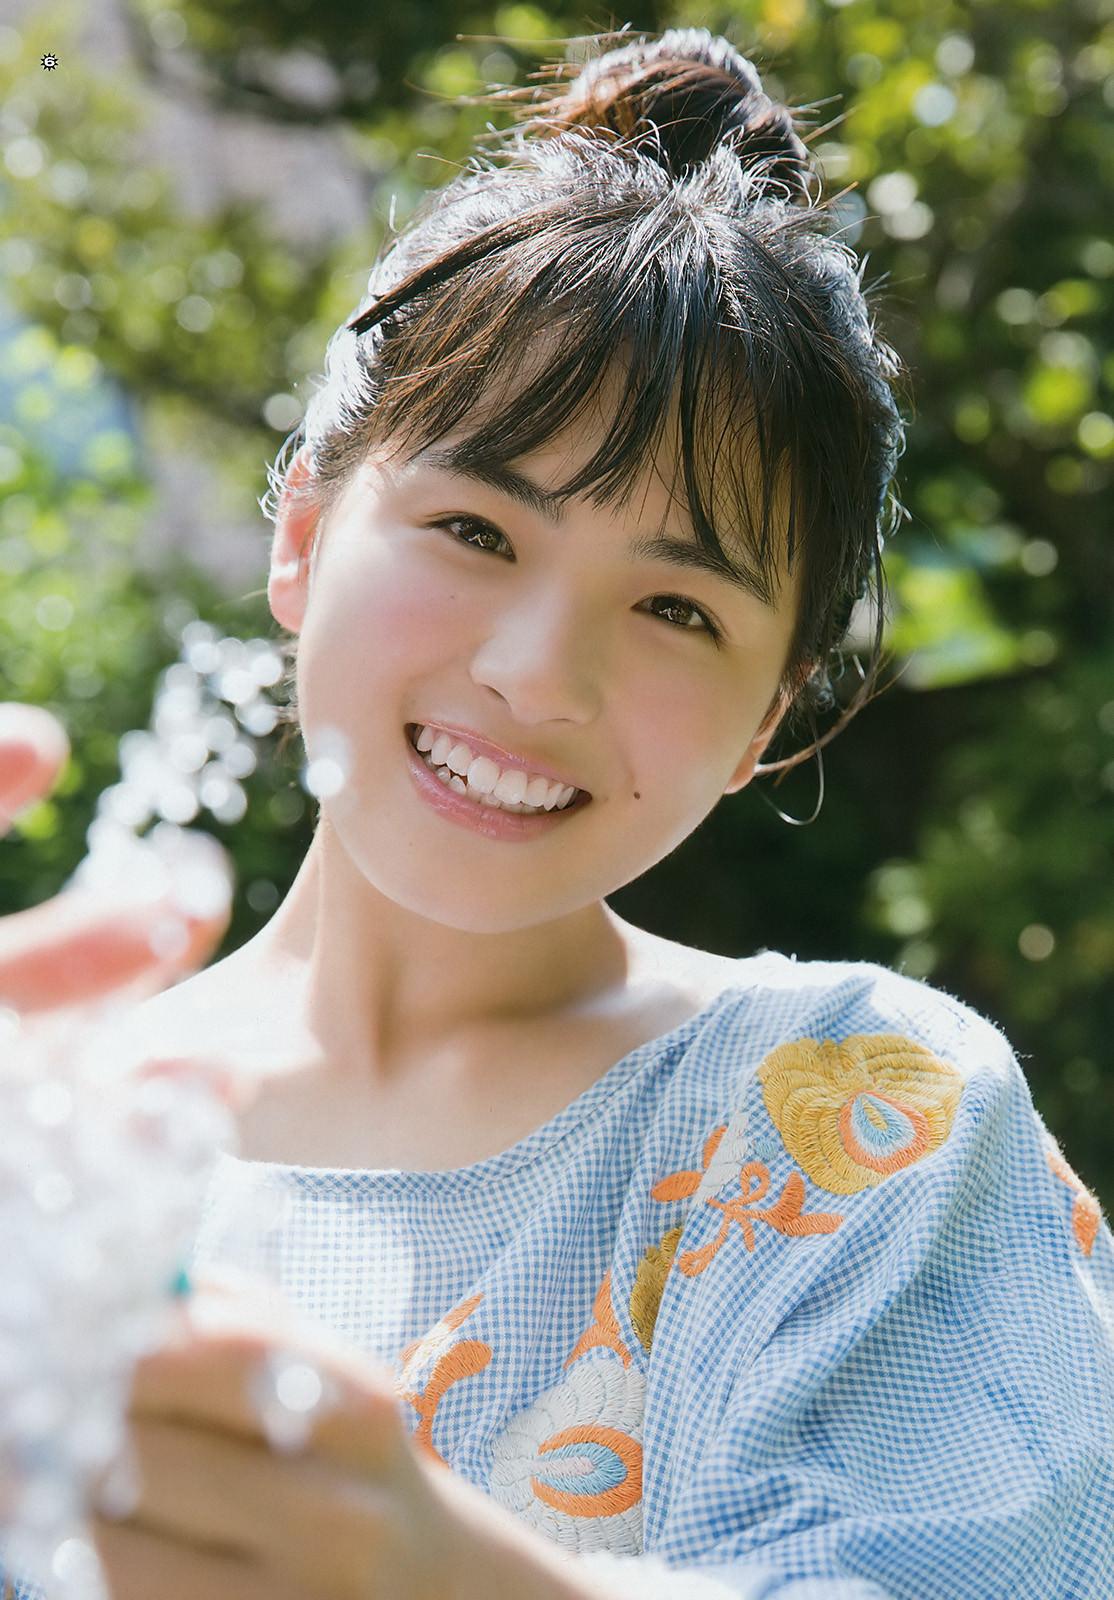 人気上昇中!乃木坂46三期生 大園桃子ちゃん風ヘアスタイル・髪型3